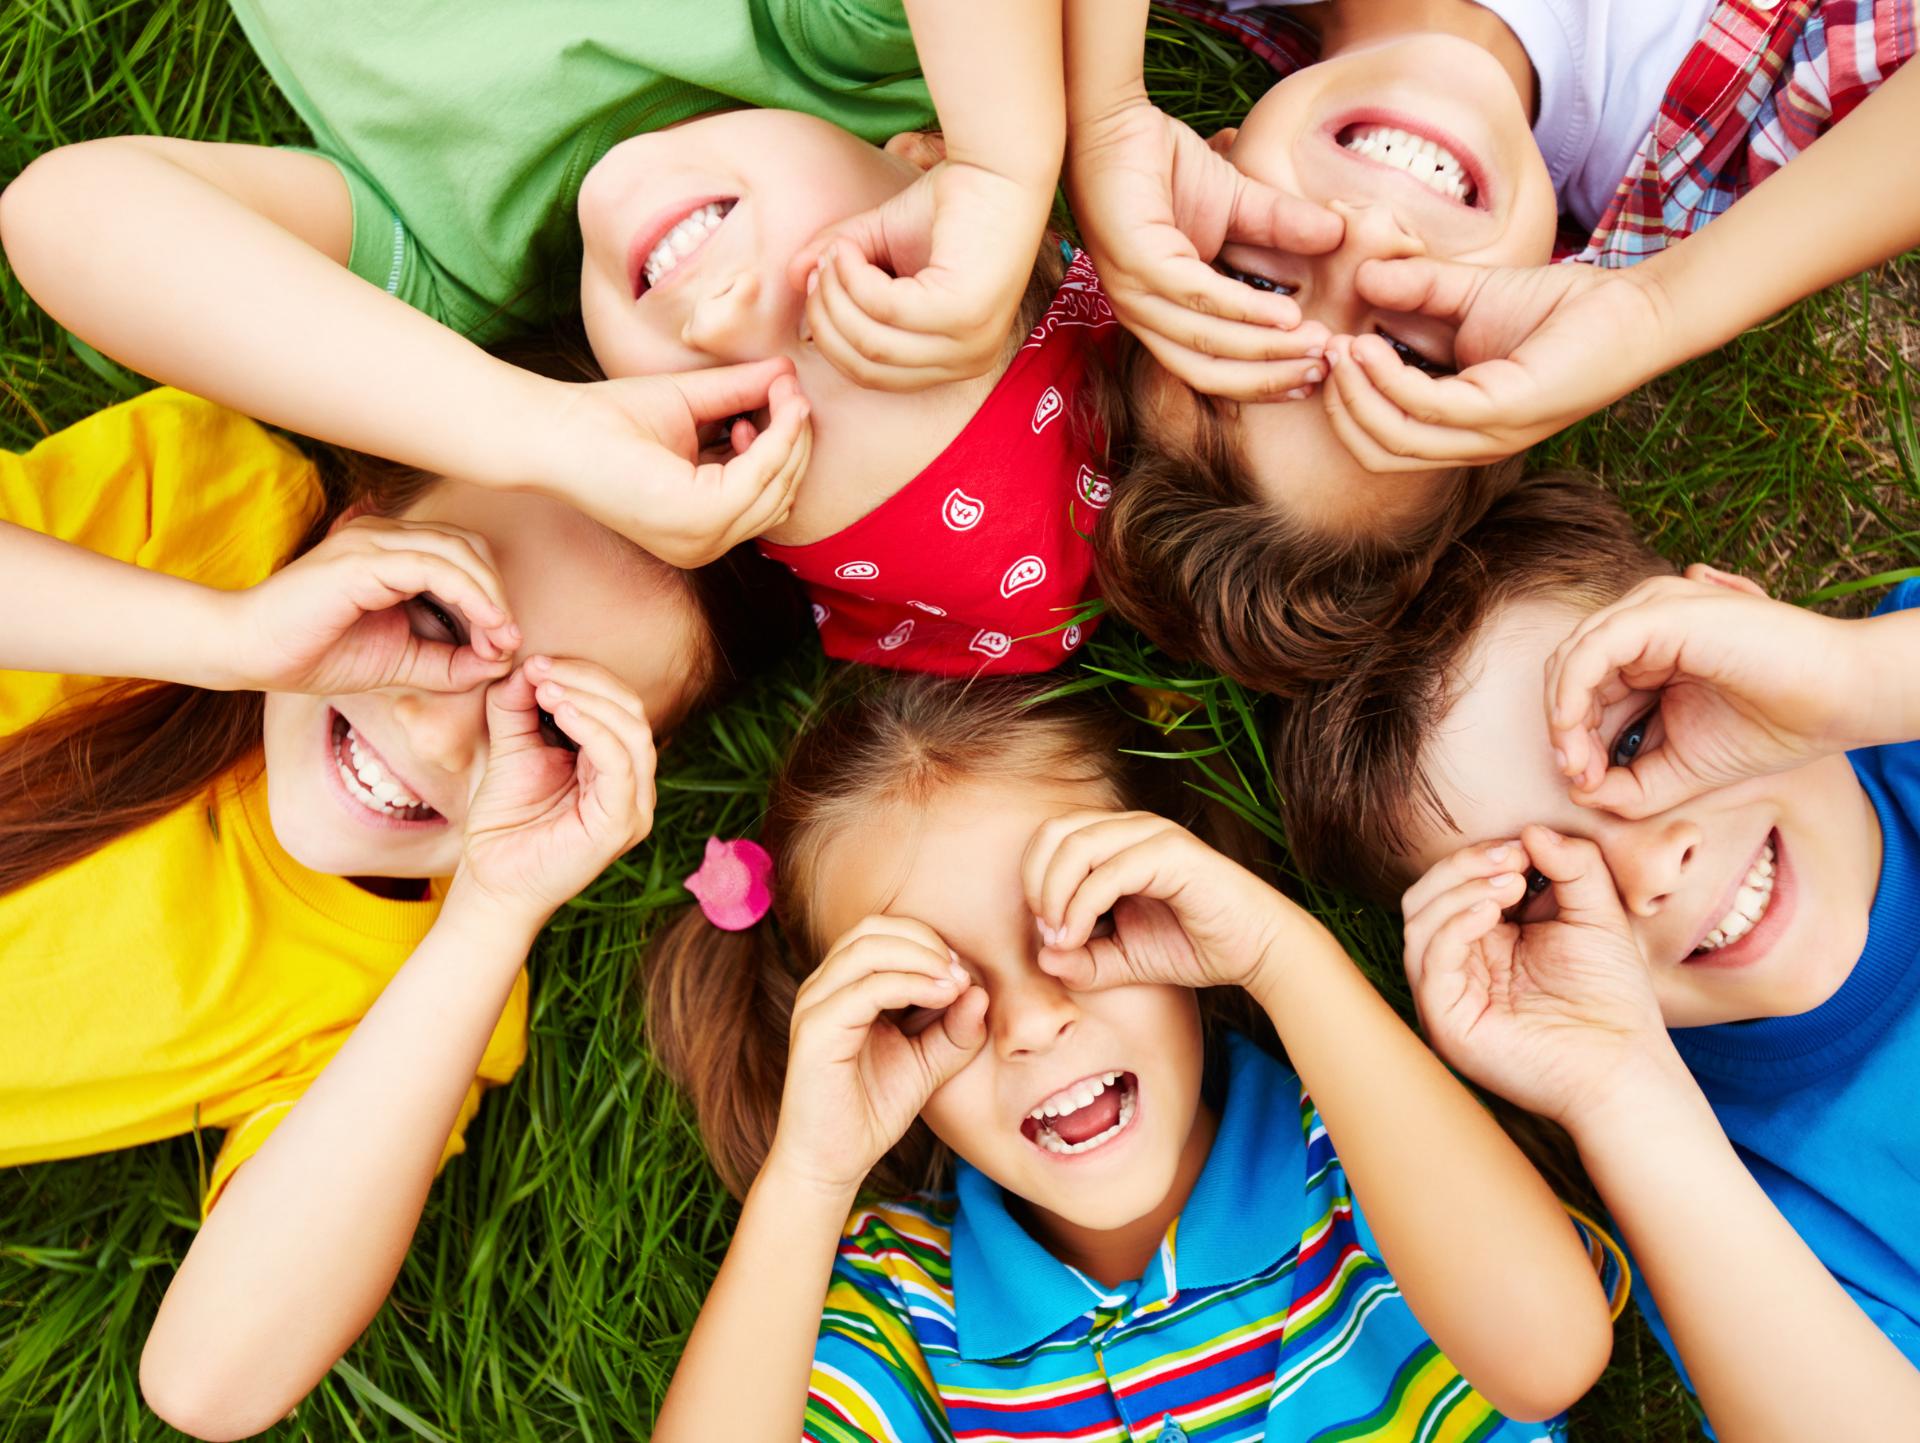 Els 6 motius per venir a les Escoles de Genis de Princikids